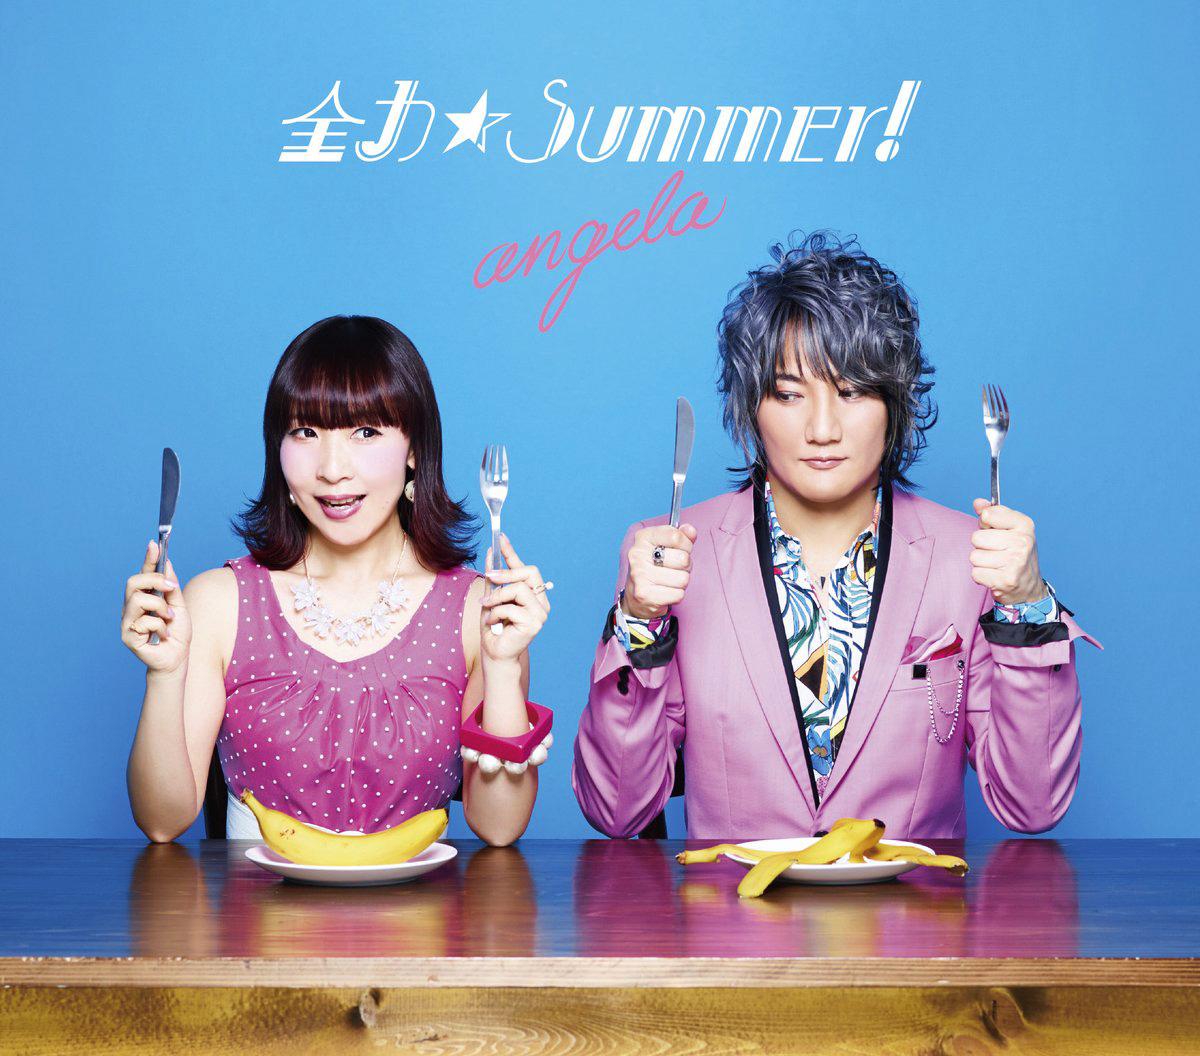 NekoPOP-angela-Zenryoku-Summer-jacket-1200